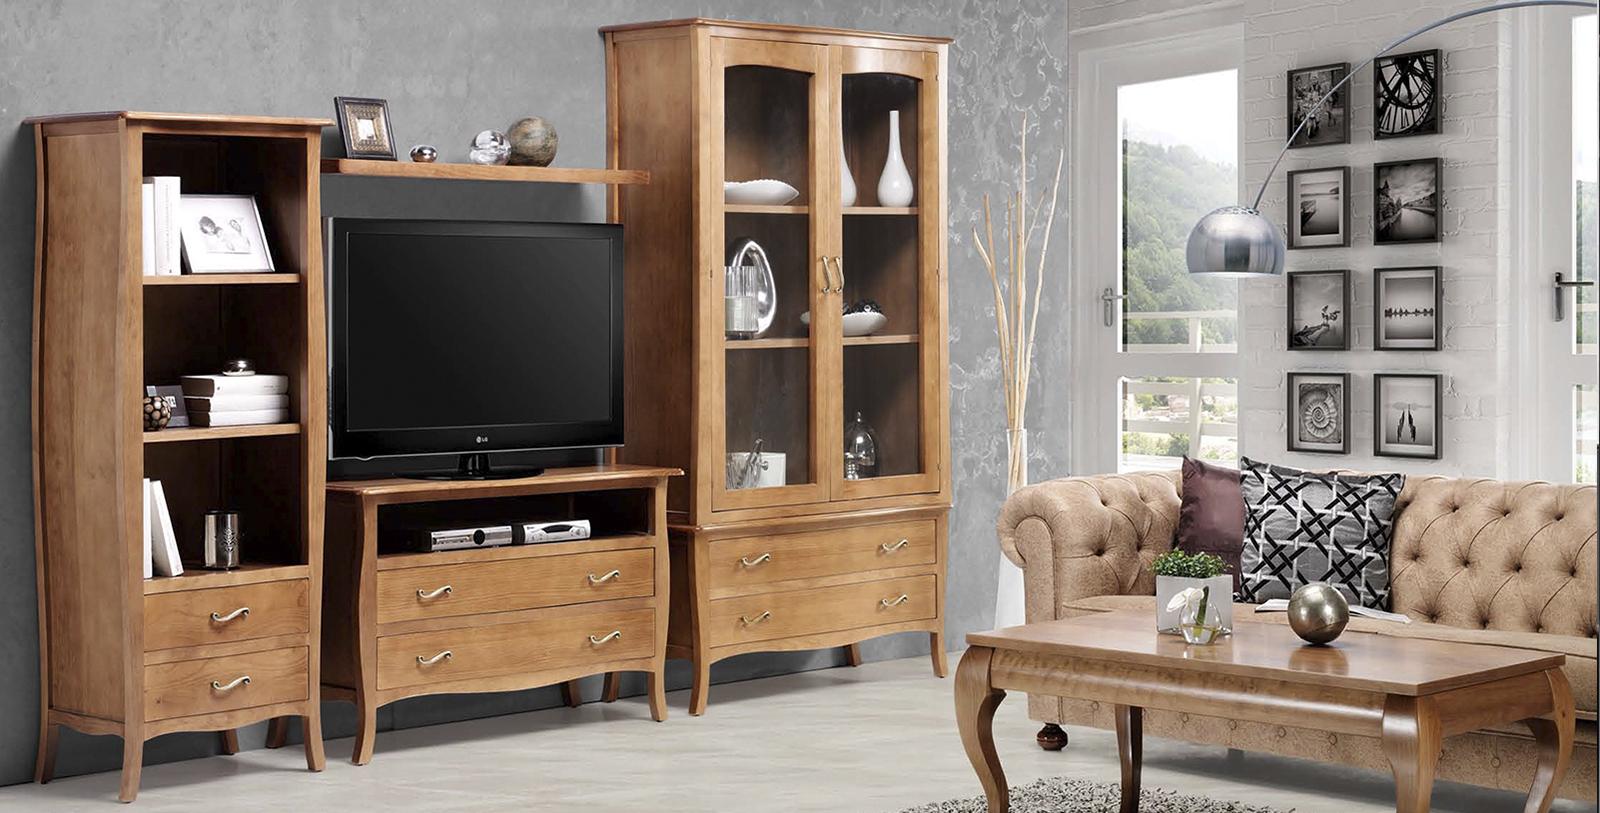 F brica de muebles de madera ruiz y garc a - Muebles ruiz ...